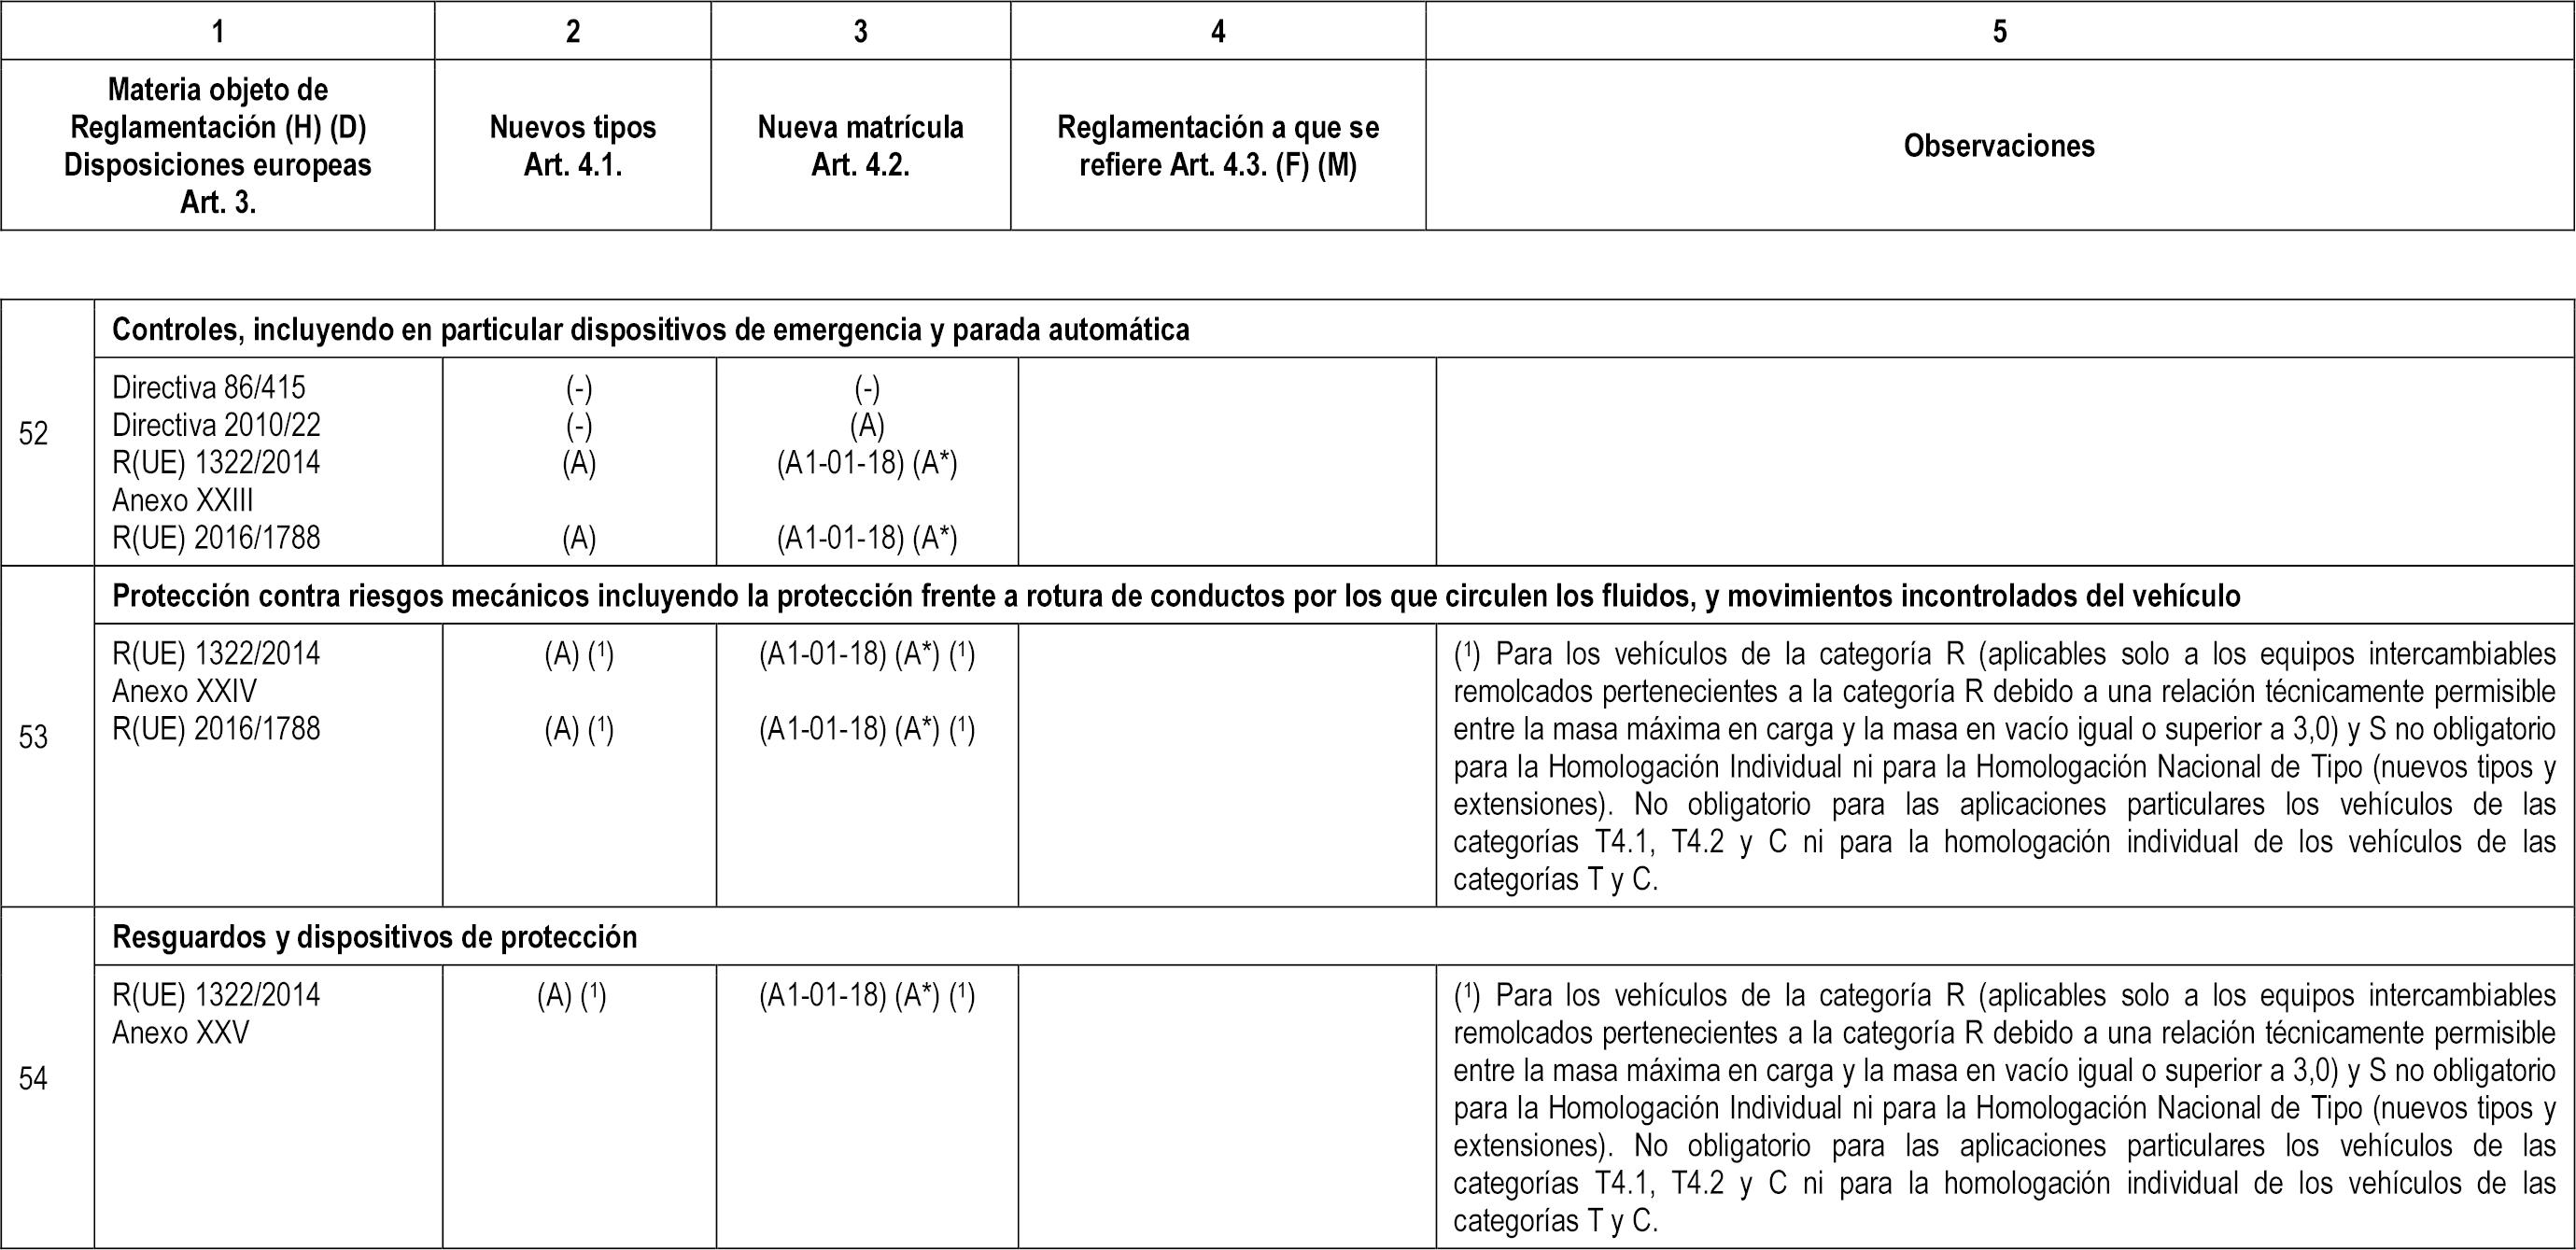 BOE.es - Documento consolidado BOE-A-1986-26182